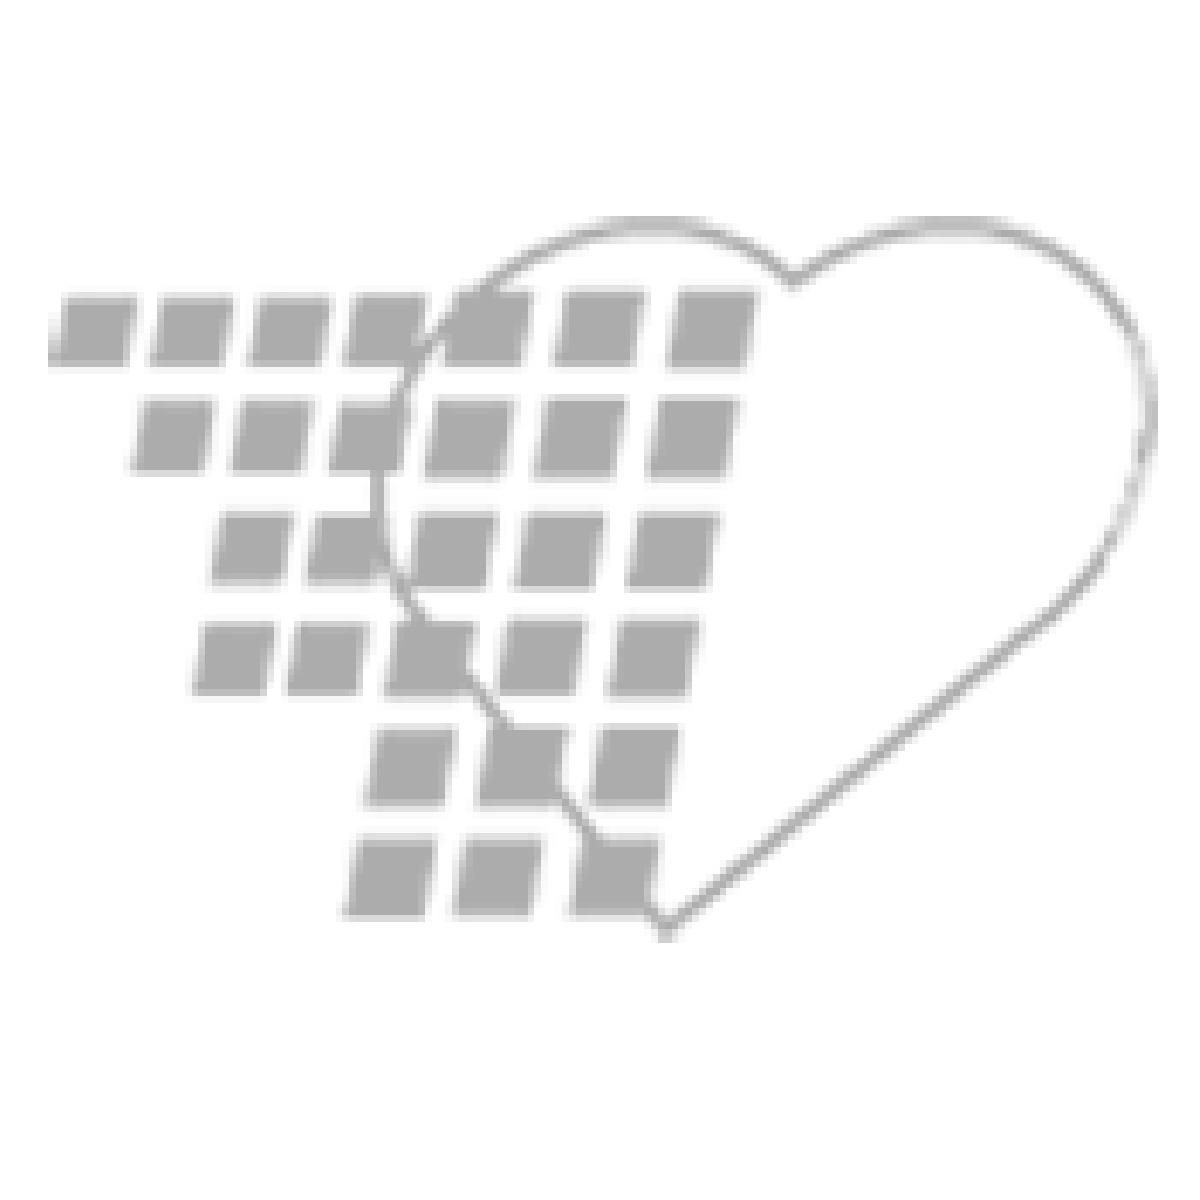 06-93-3100 Demo Dose® Nitroglycern Nitr Derm 0.3m™g/hr Patch - 10/Pack